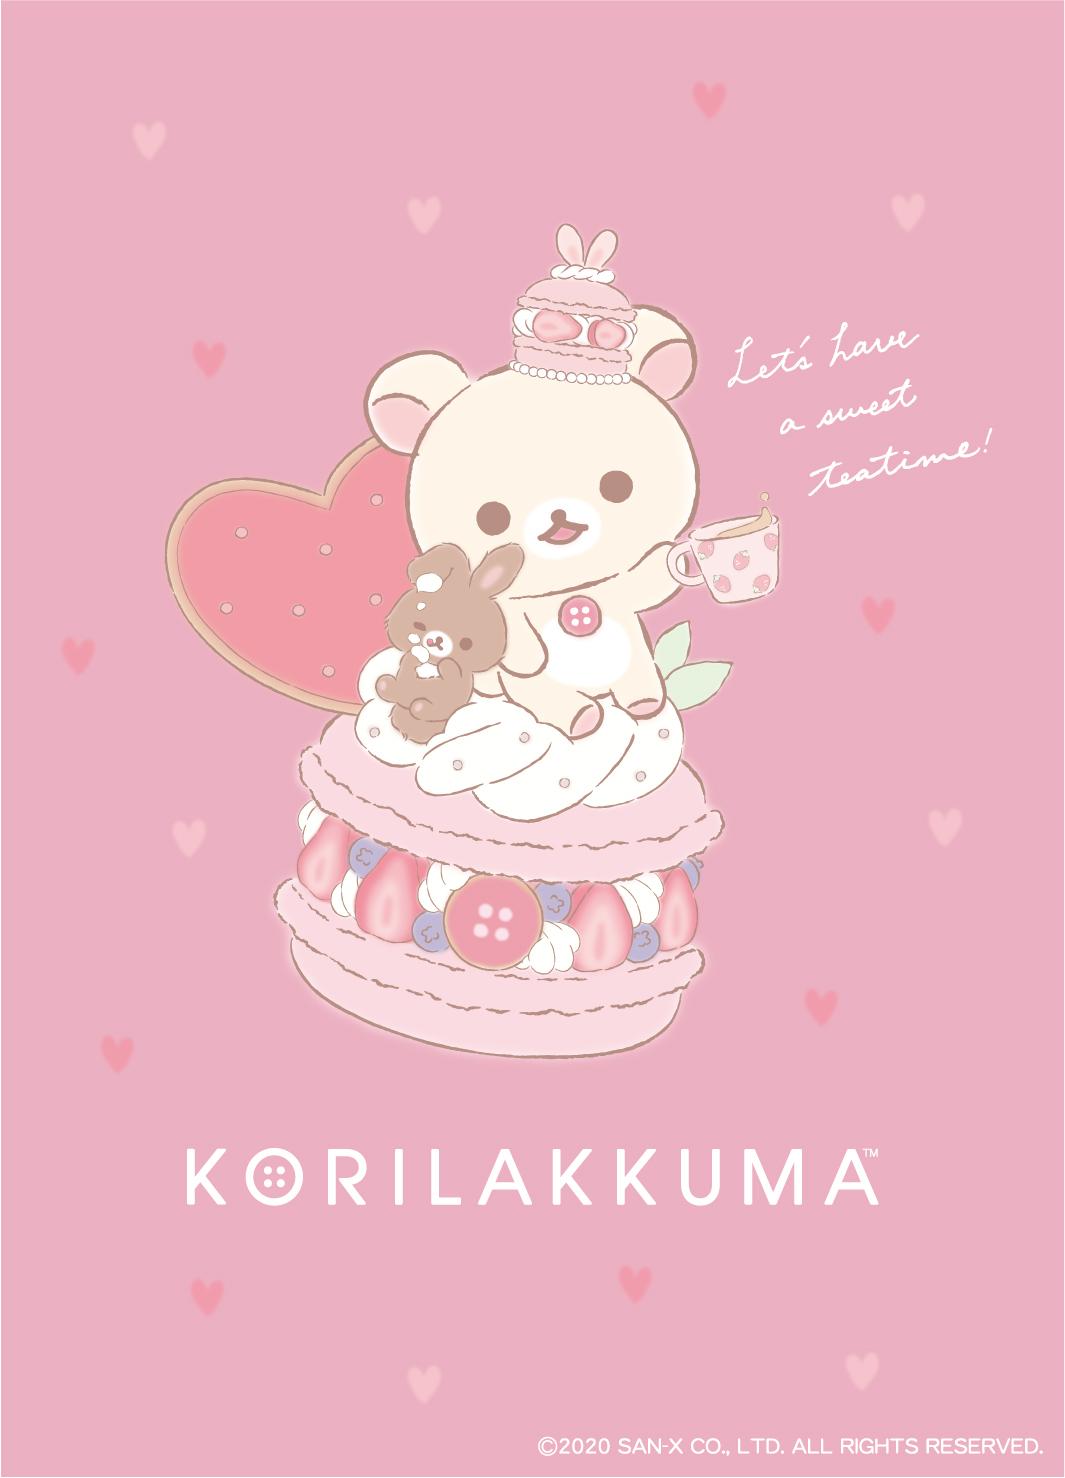 単独ショップ「コリラックマストア」3年ぶり開催決定!くすみピンク&ピンクブラウンの大人かわいいグッズ盛りだくさん